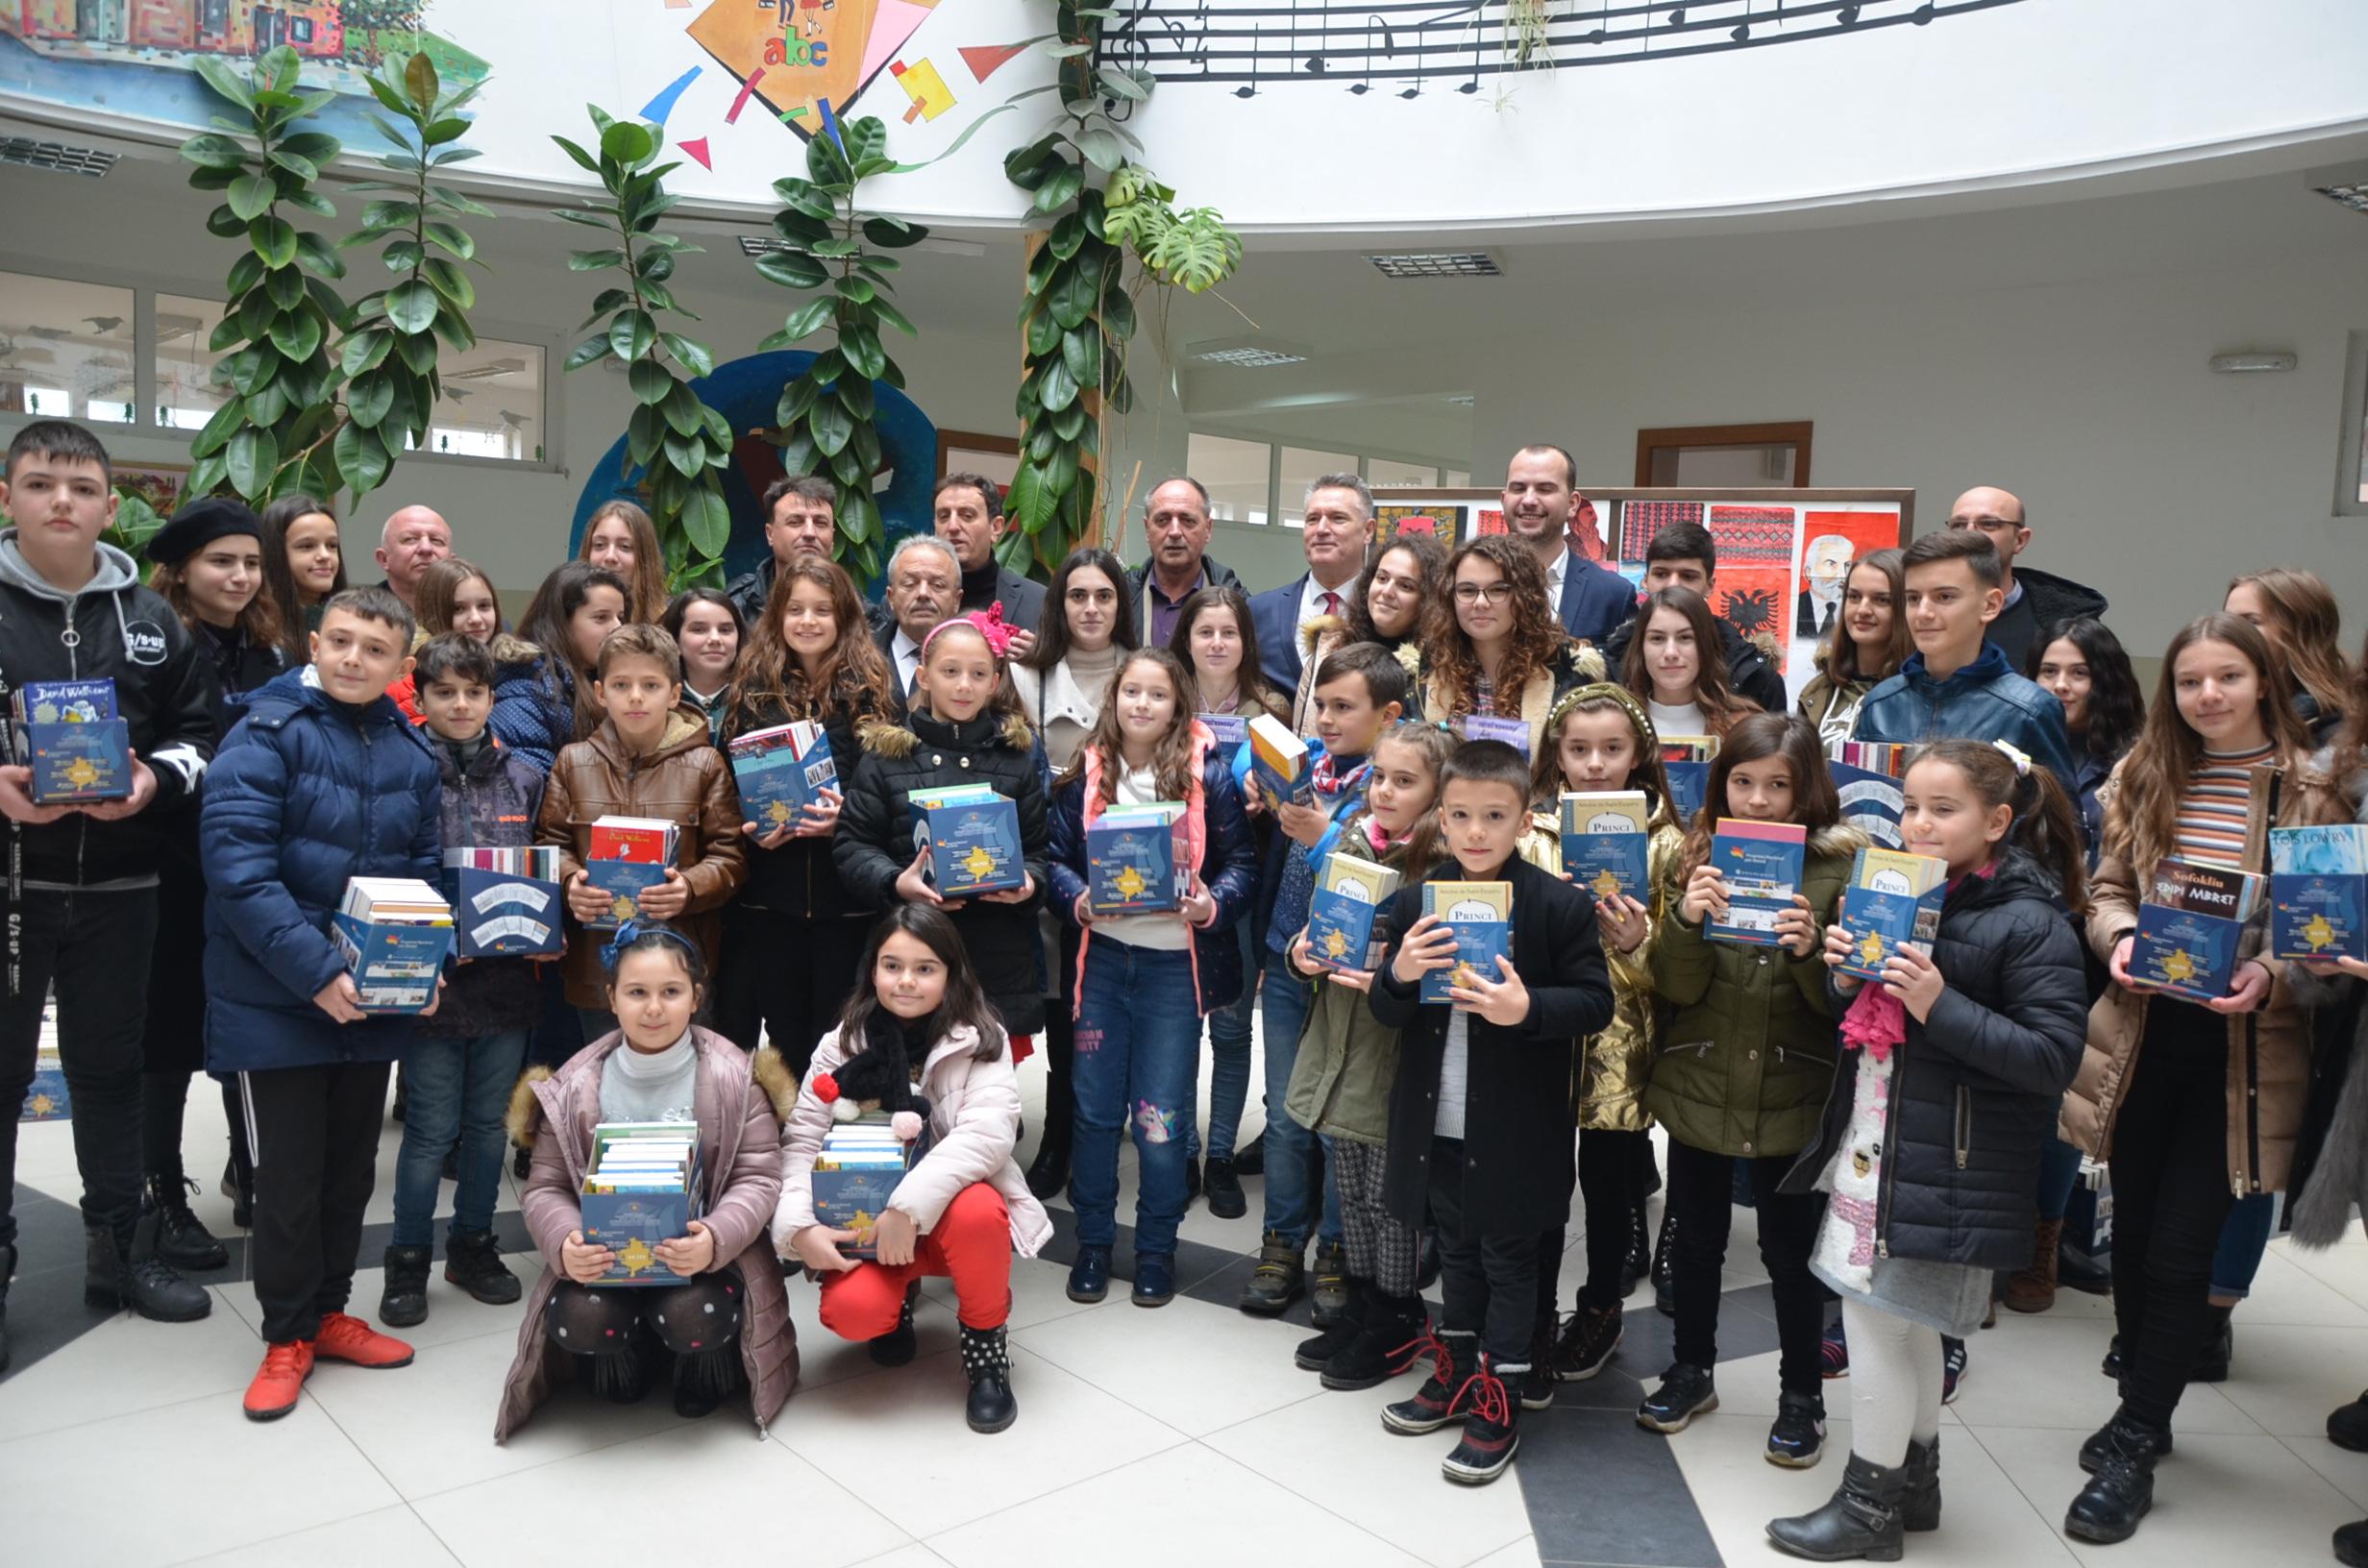 Shpërndahen libra për 172 nxënës nga Kamenica fitues të garave lokale dhe nacionale